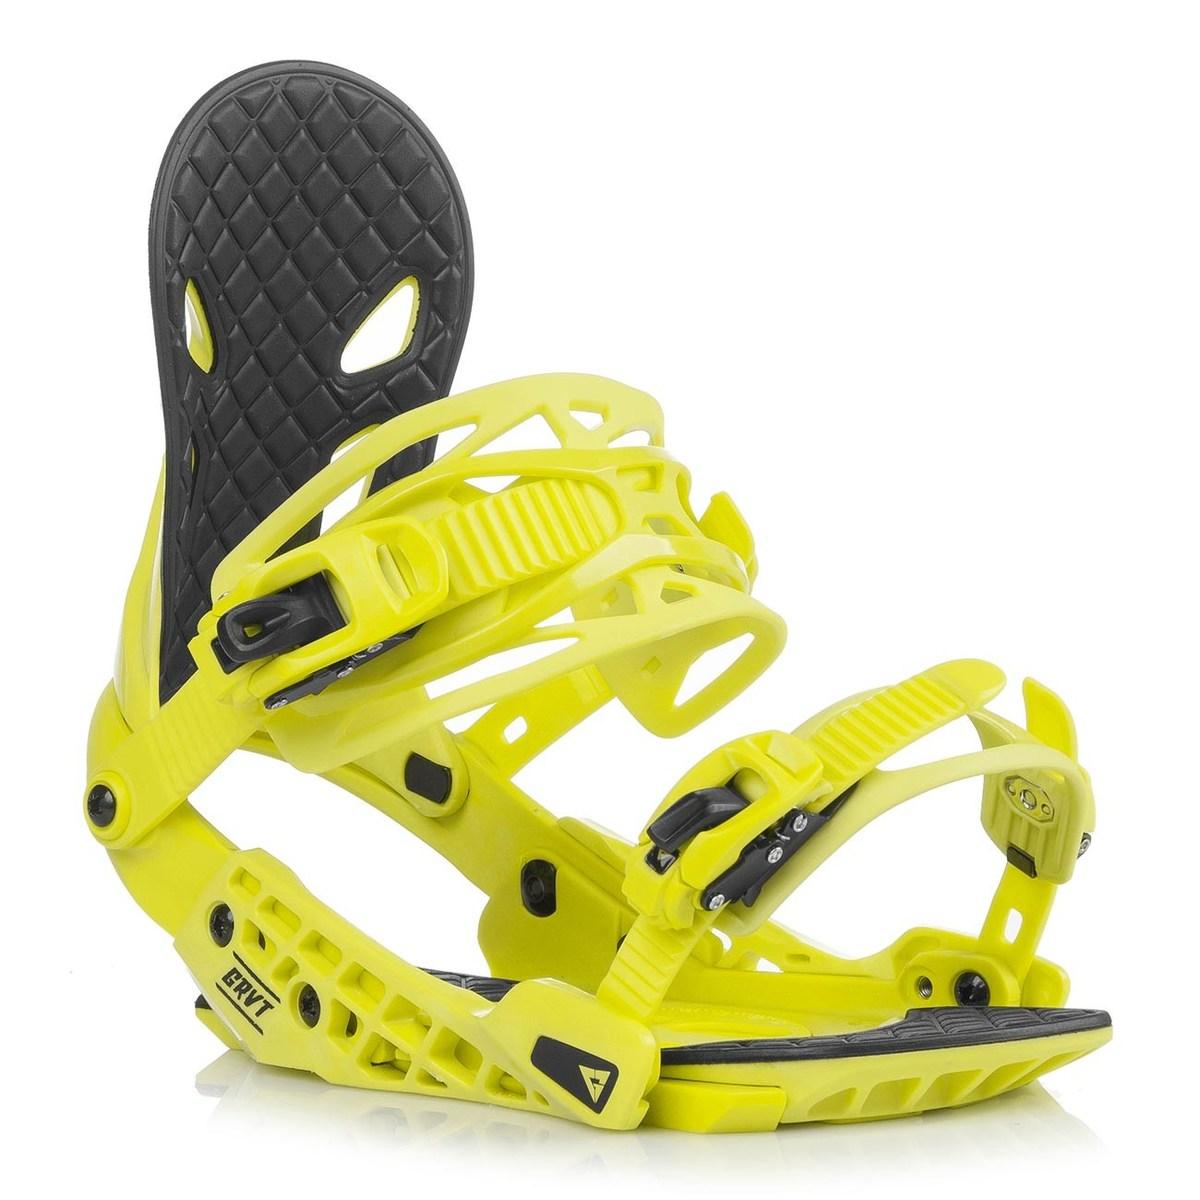 Snowboardové vázání Gravity G2 18/19 žlutá L (EU 42-48)